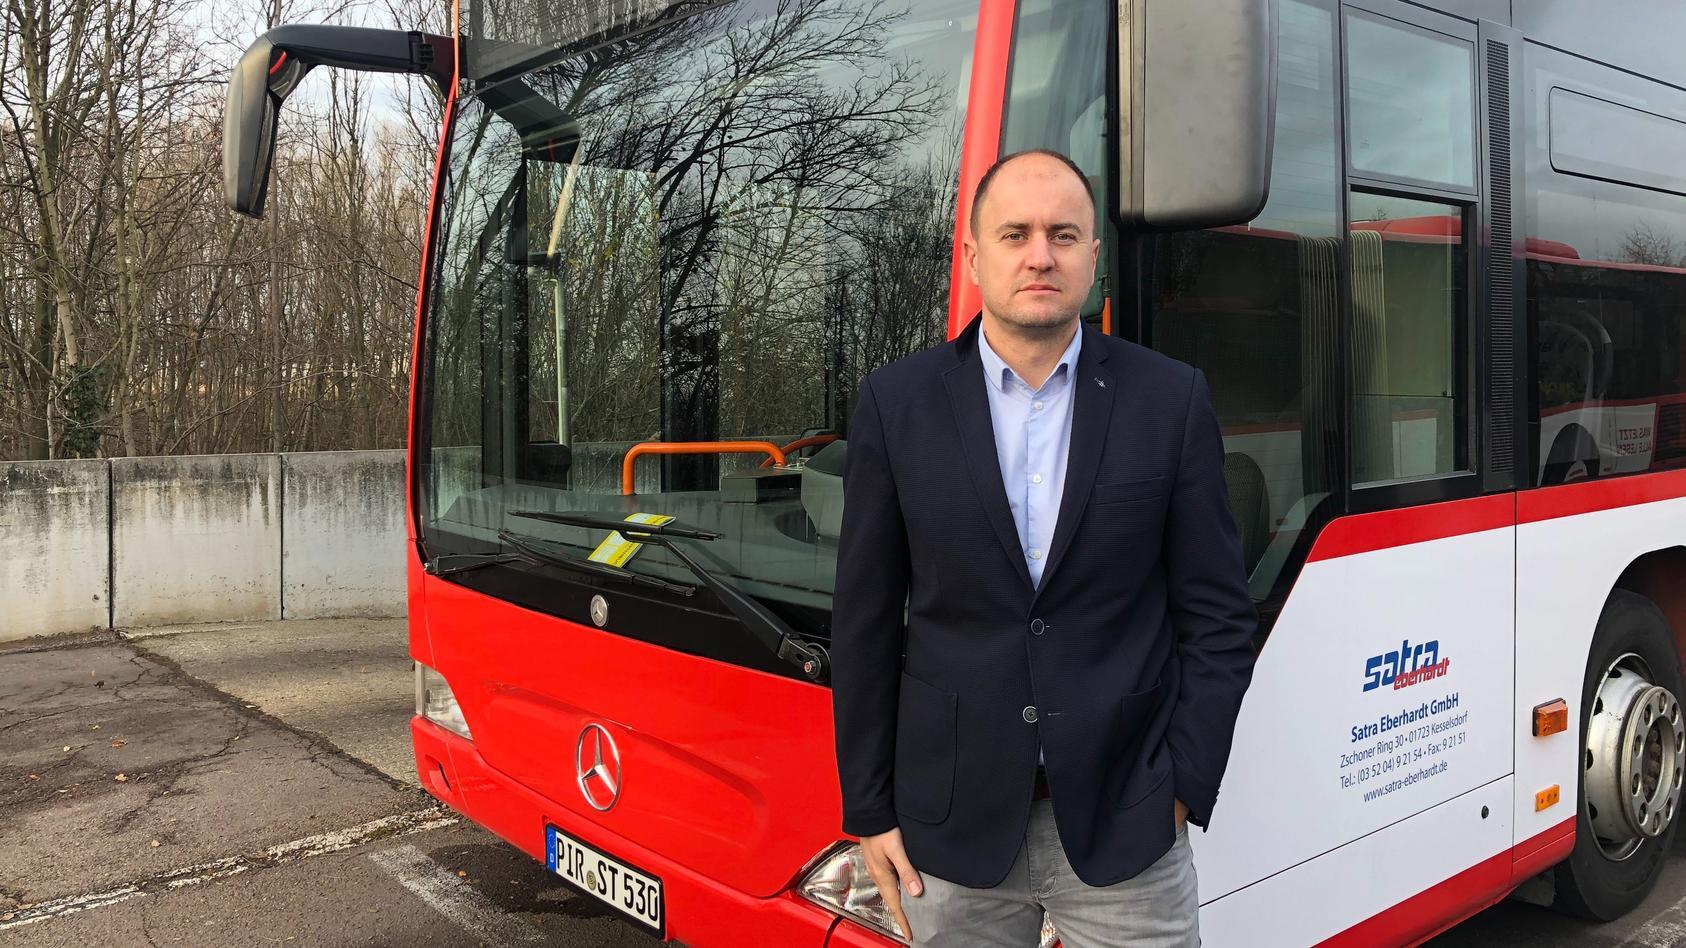 Matthias Peschke ist Chef des Busfahrers, der den Zettel im Dresdner Bus angebracht hat.